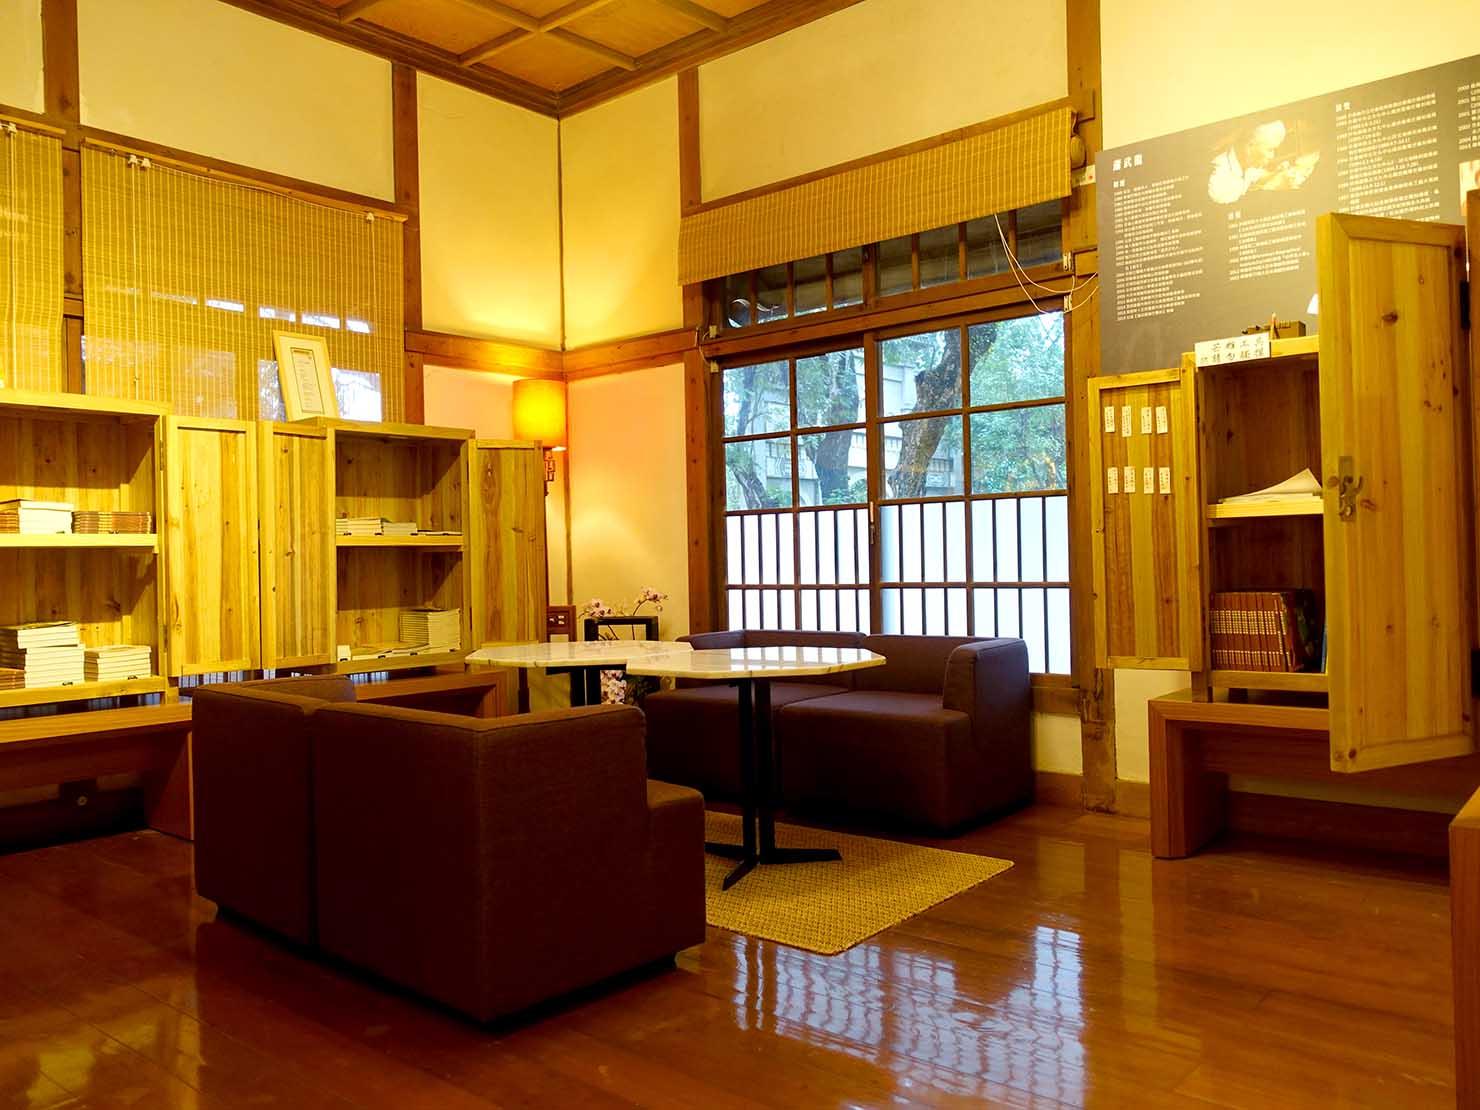 嘉義のおすすめ観光スポット「嘉義市史蹟資料館」の板張りのお部屋